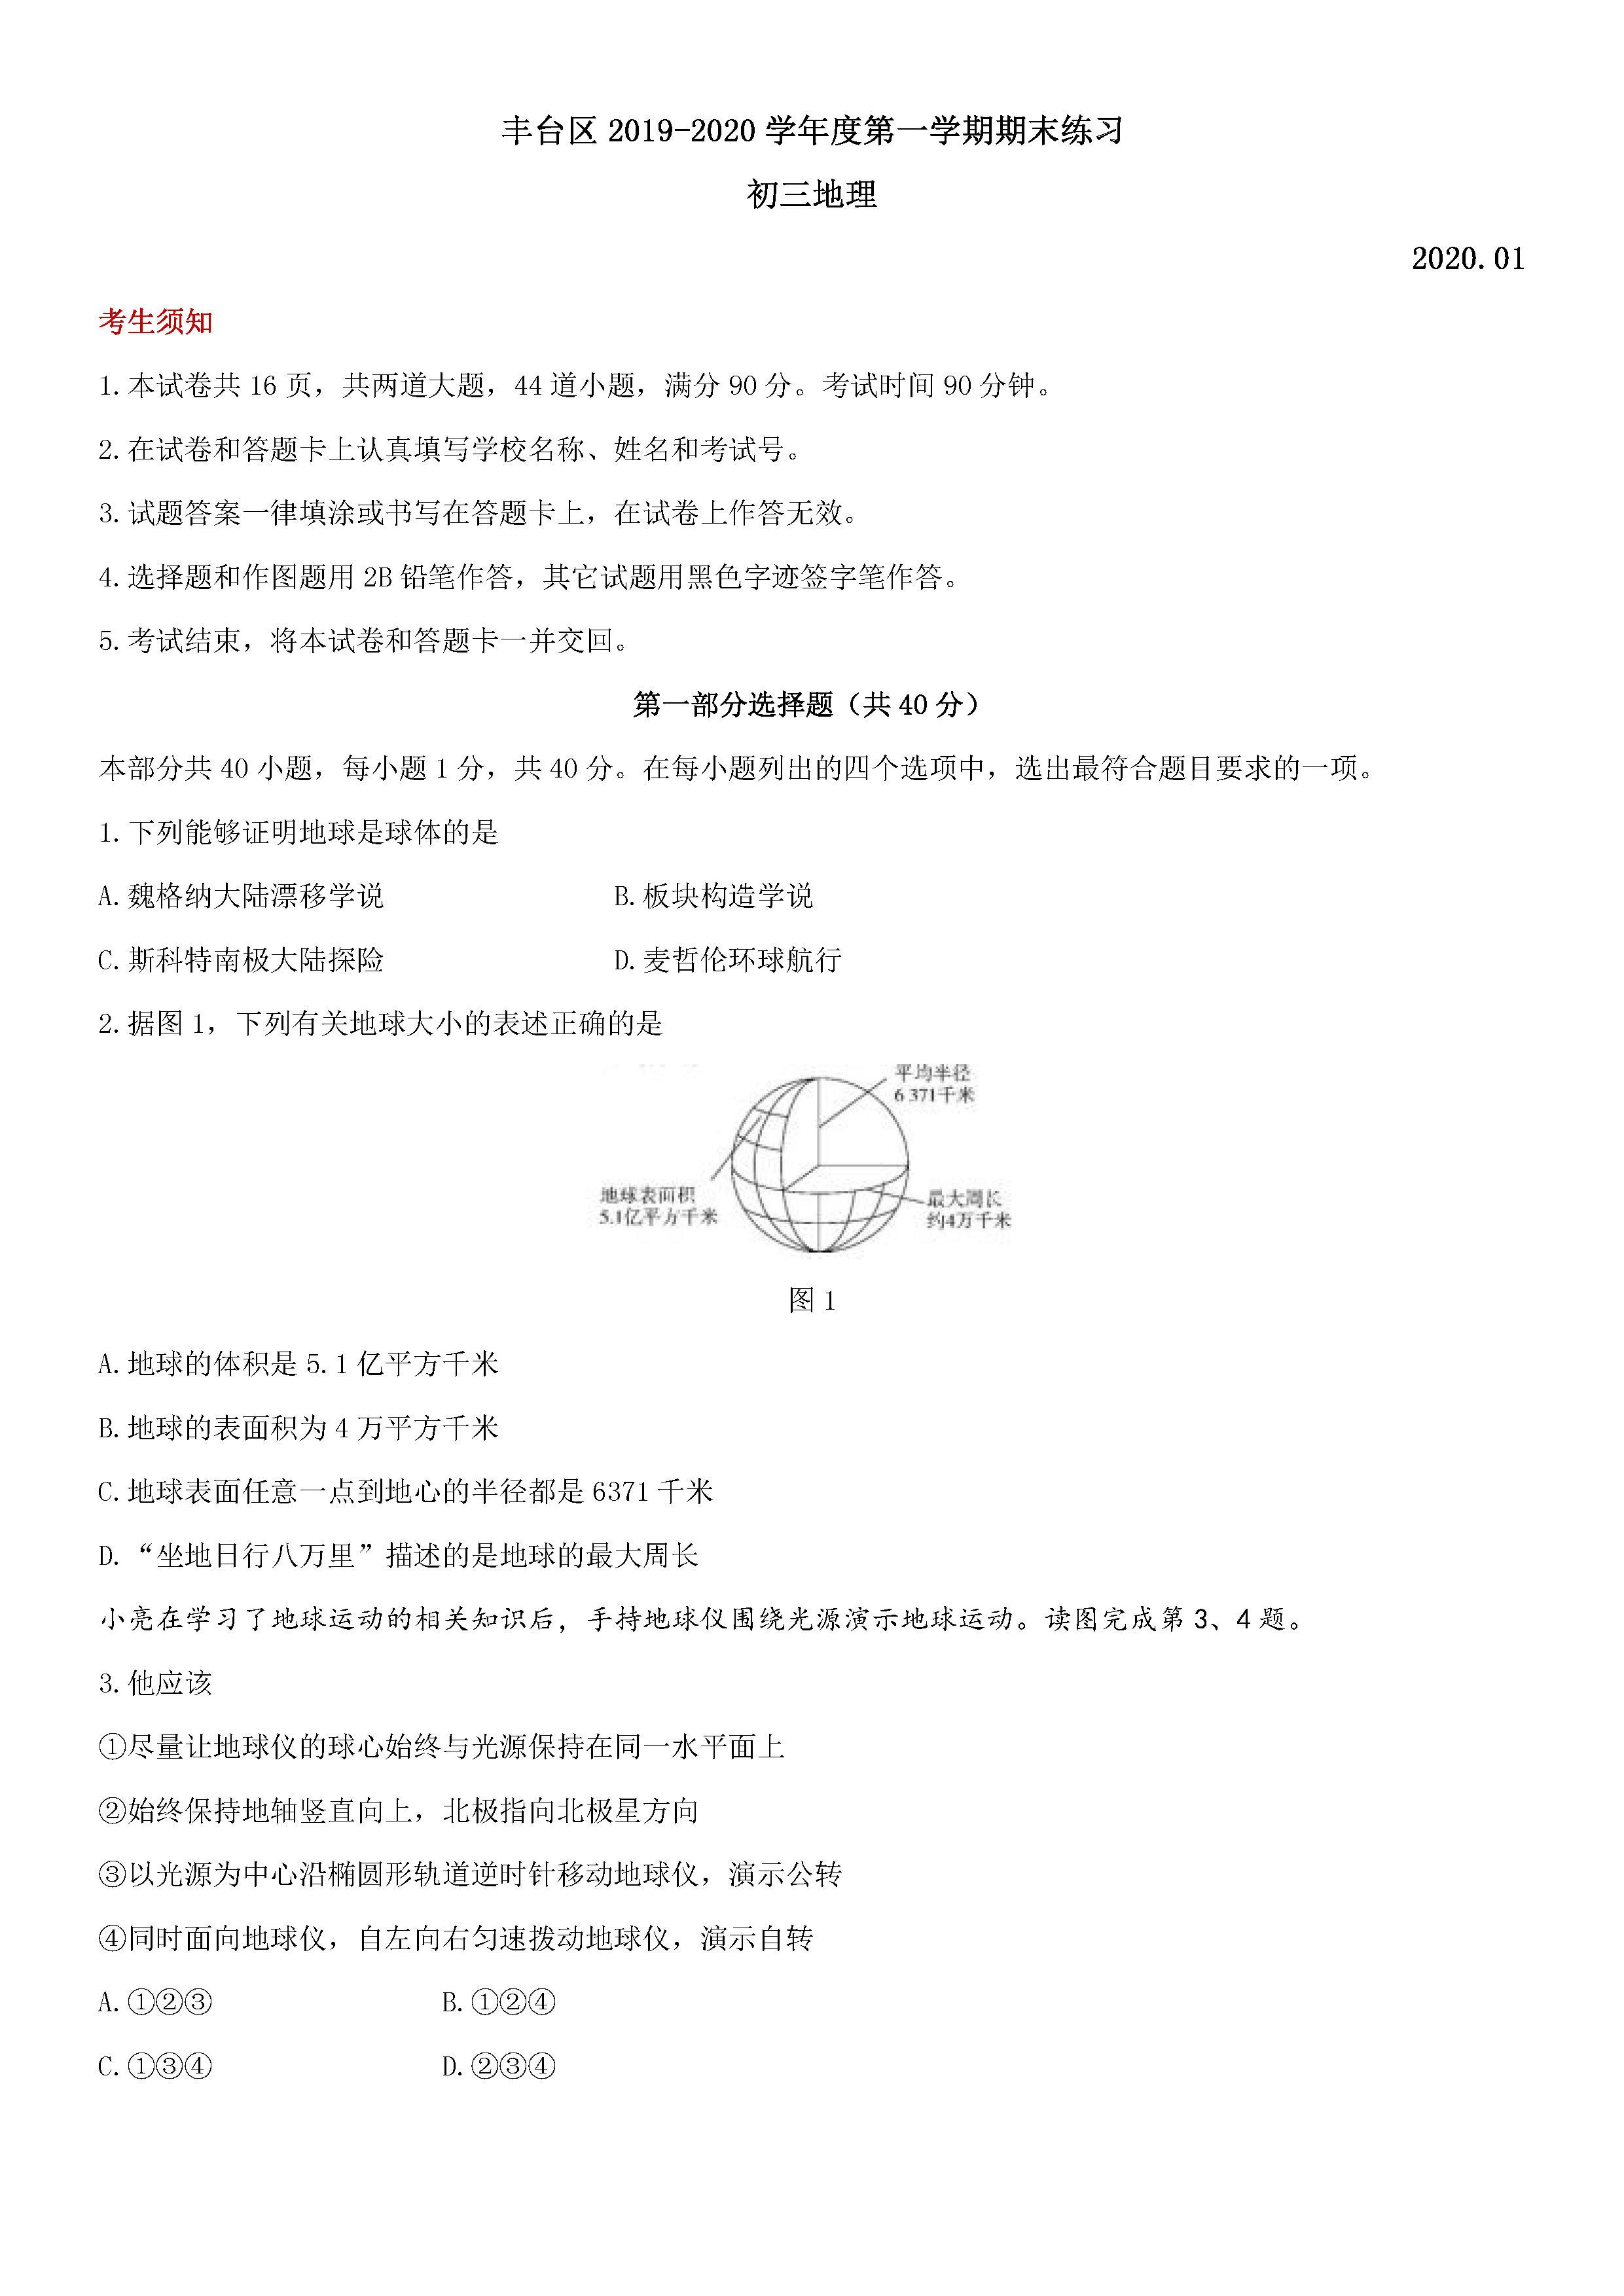 2020北京丰台初三上期末地理试题及答案(图片版)